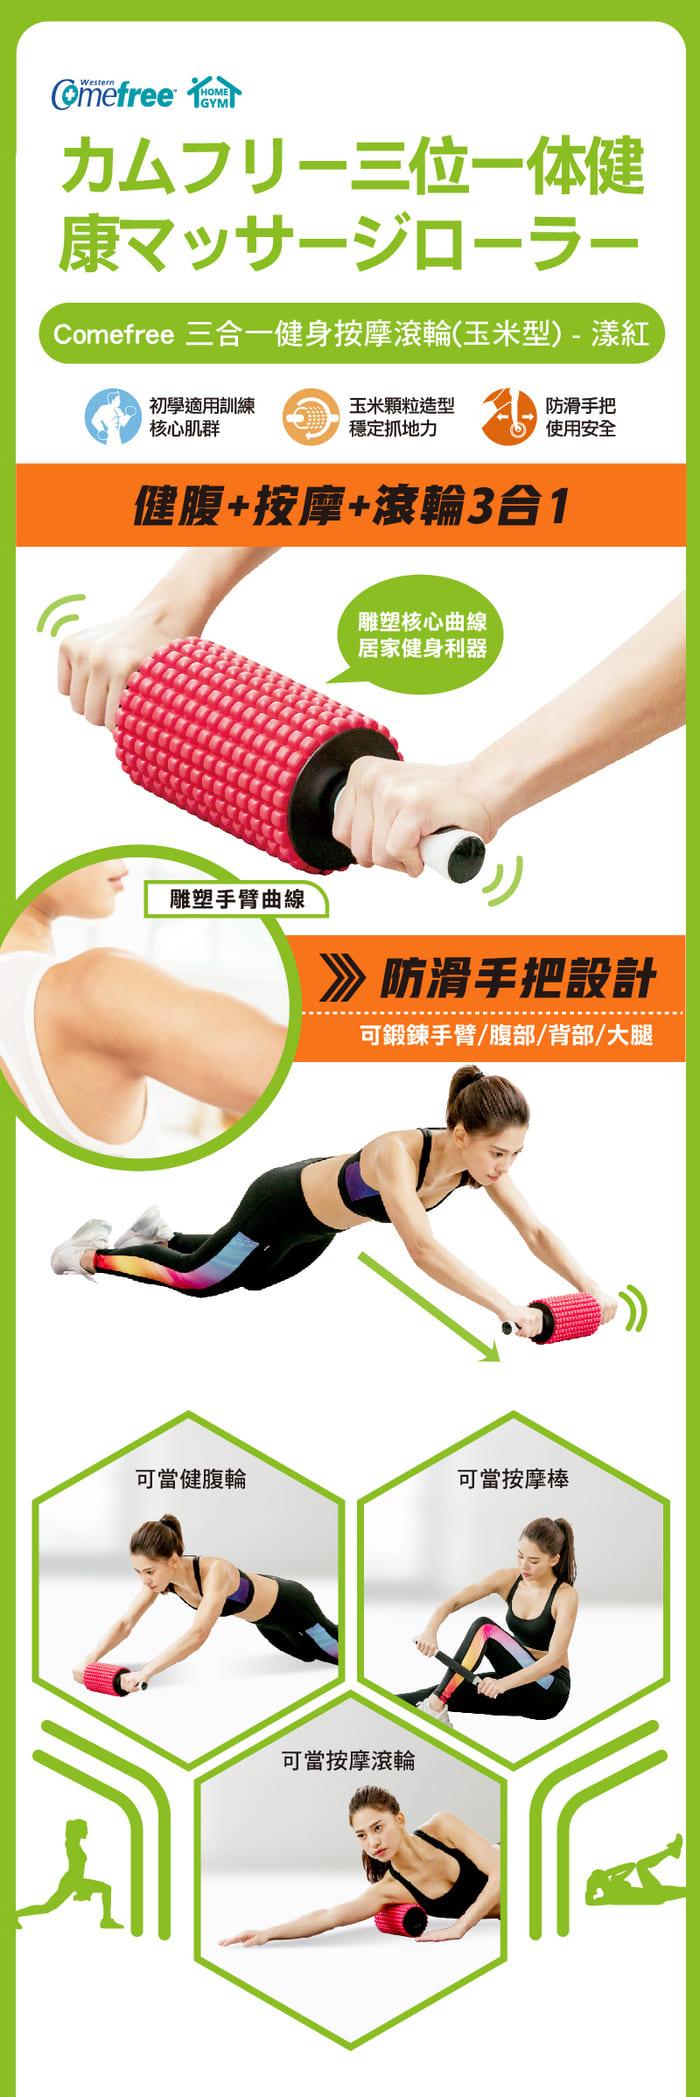 台灣 Comefree 3合1 健身按摩滾輪5